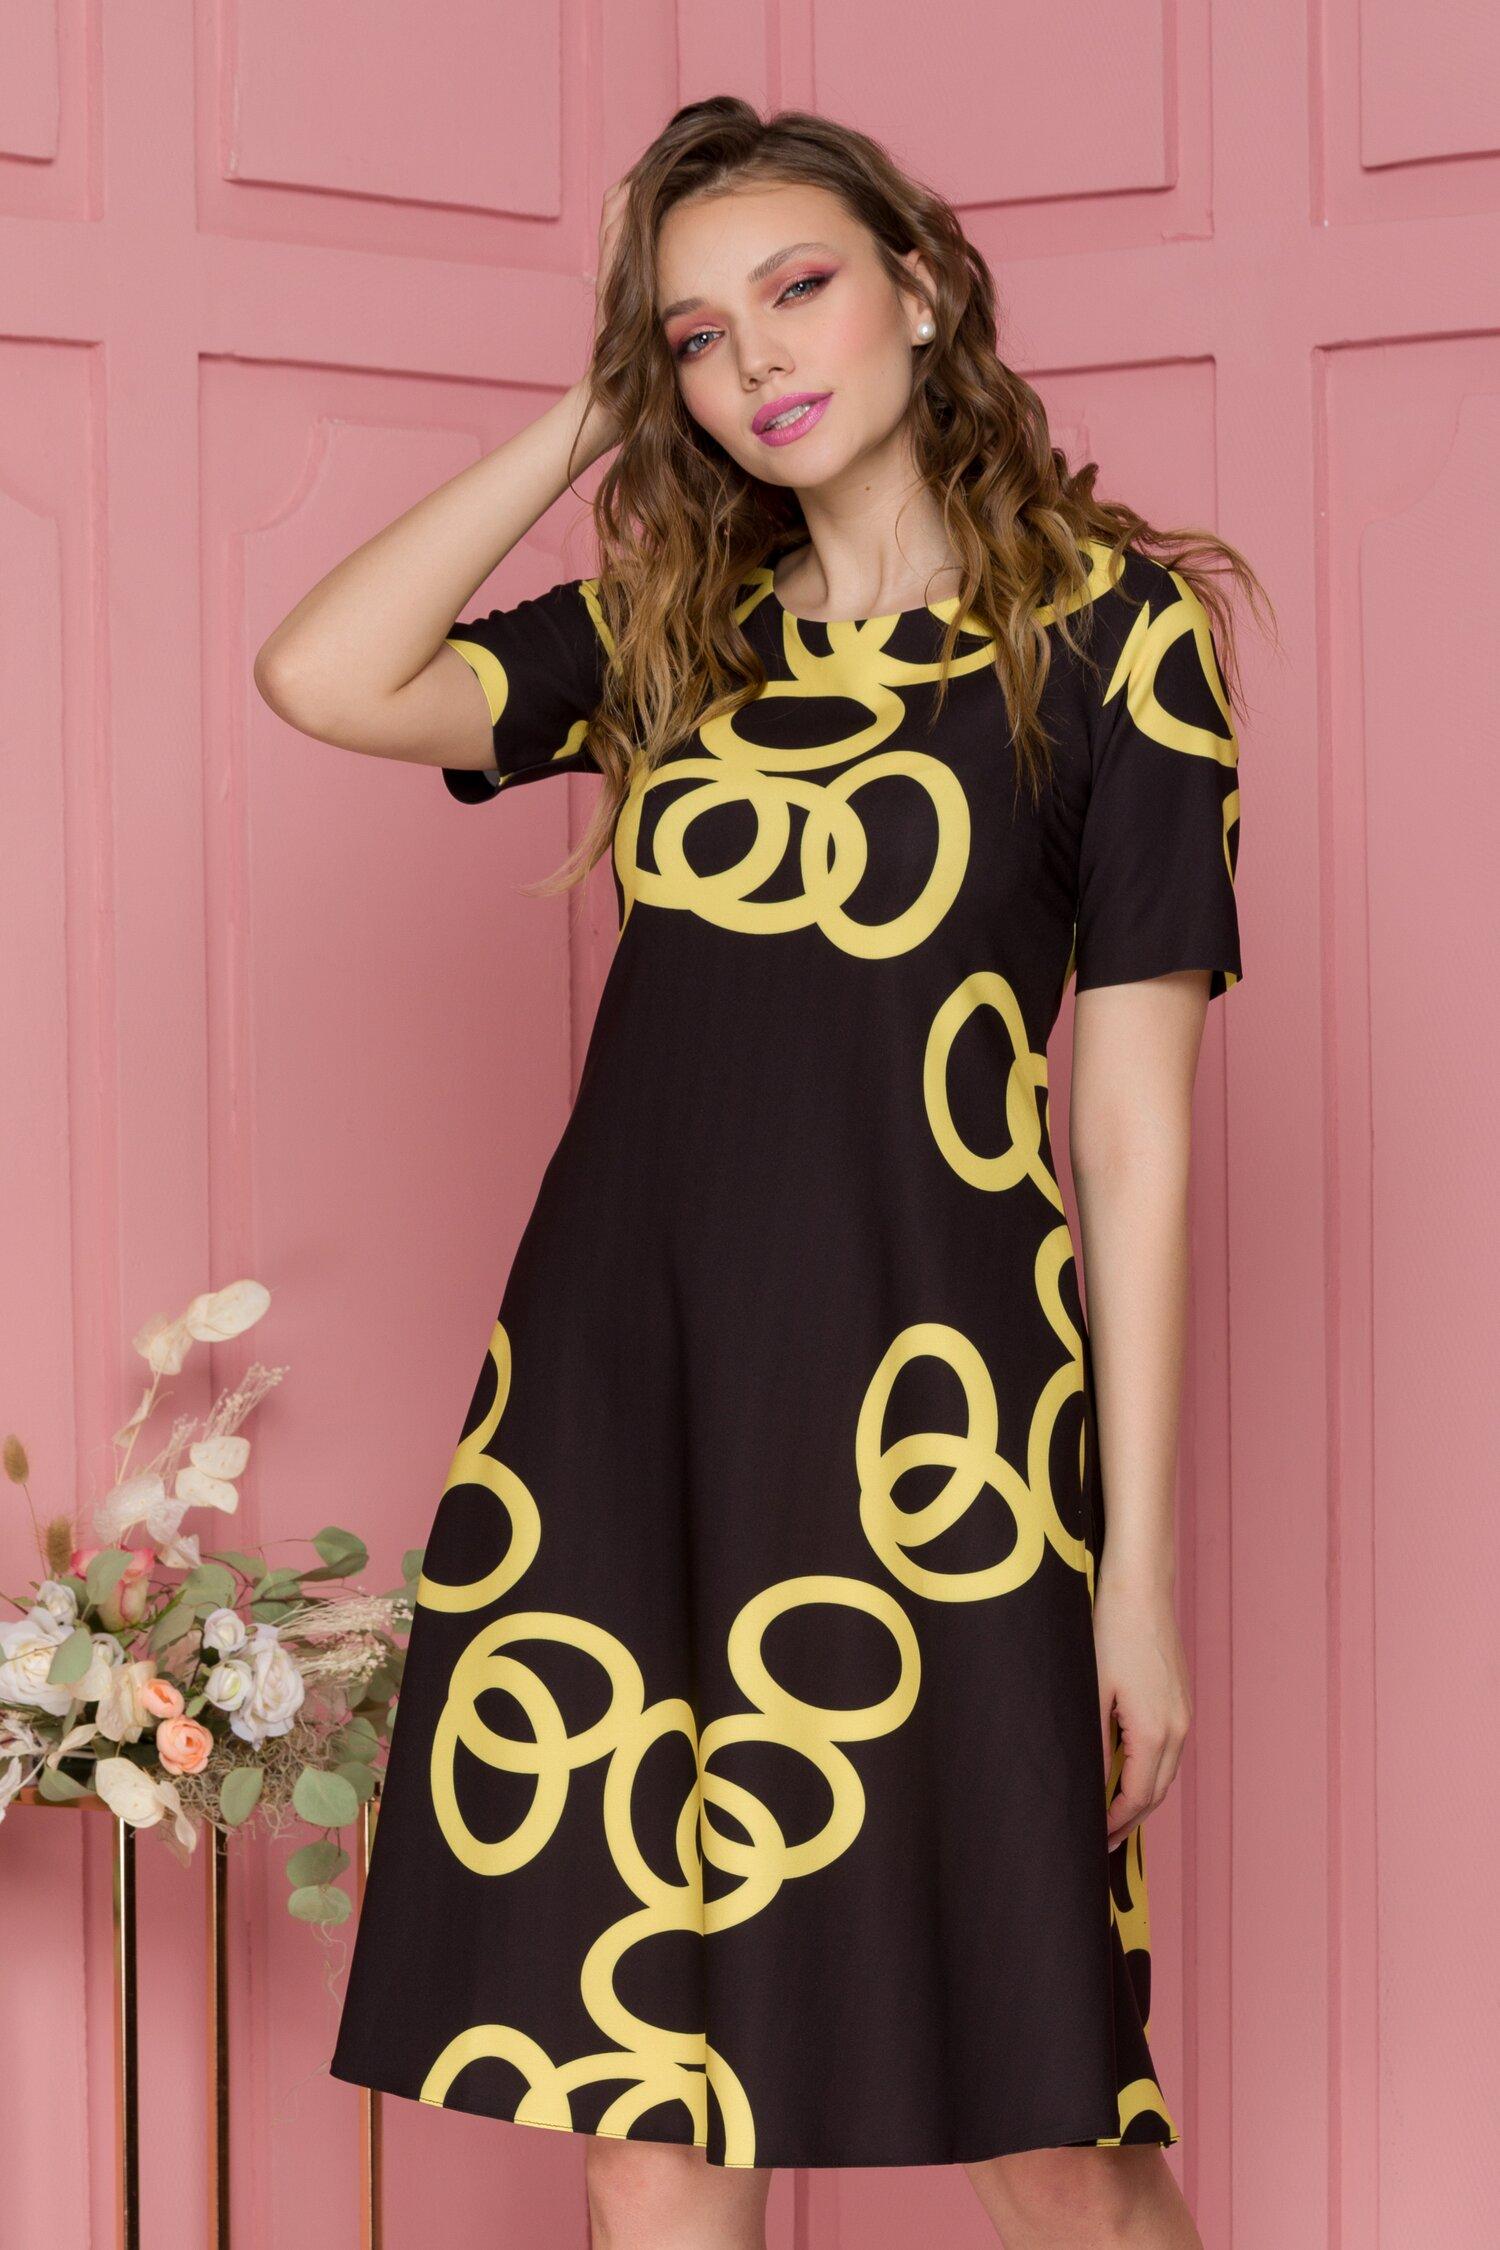 Rochie Livia neagra cu imprimeu geometric galben